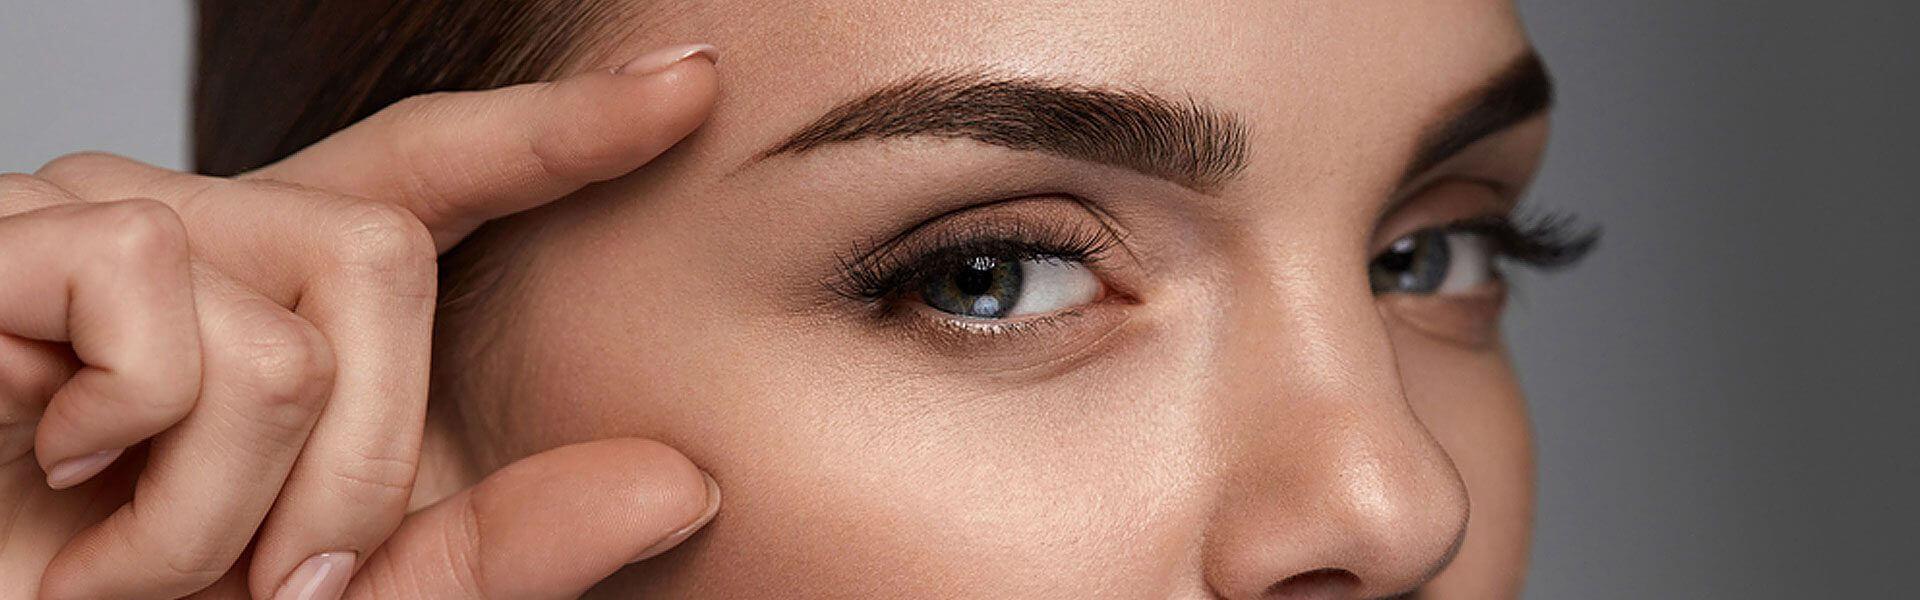 ΟΦΘΑΛΜΟΠΛΑΣΤΙΚΗ ΧΕΙΡΟΥΡΓΙΚΗ - Η οφθαλμοπλαστική χειρουργική, γνωστή και ως οφθαλμική πλαστική και επανορθωτική χειρουργική